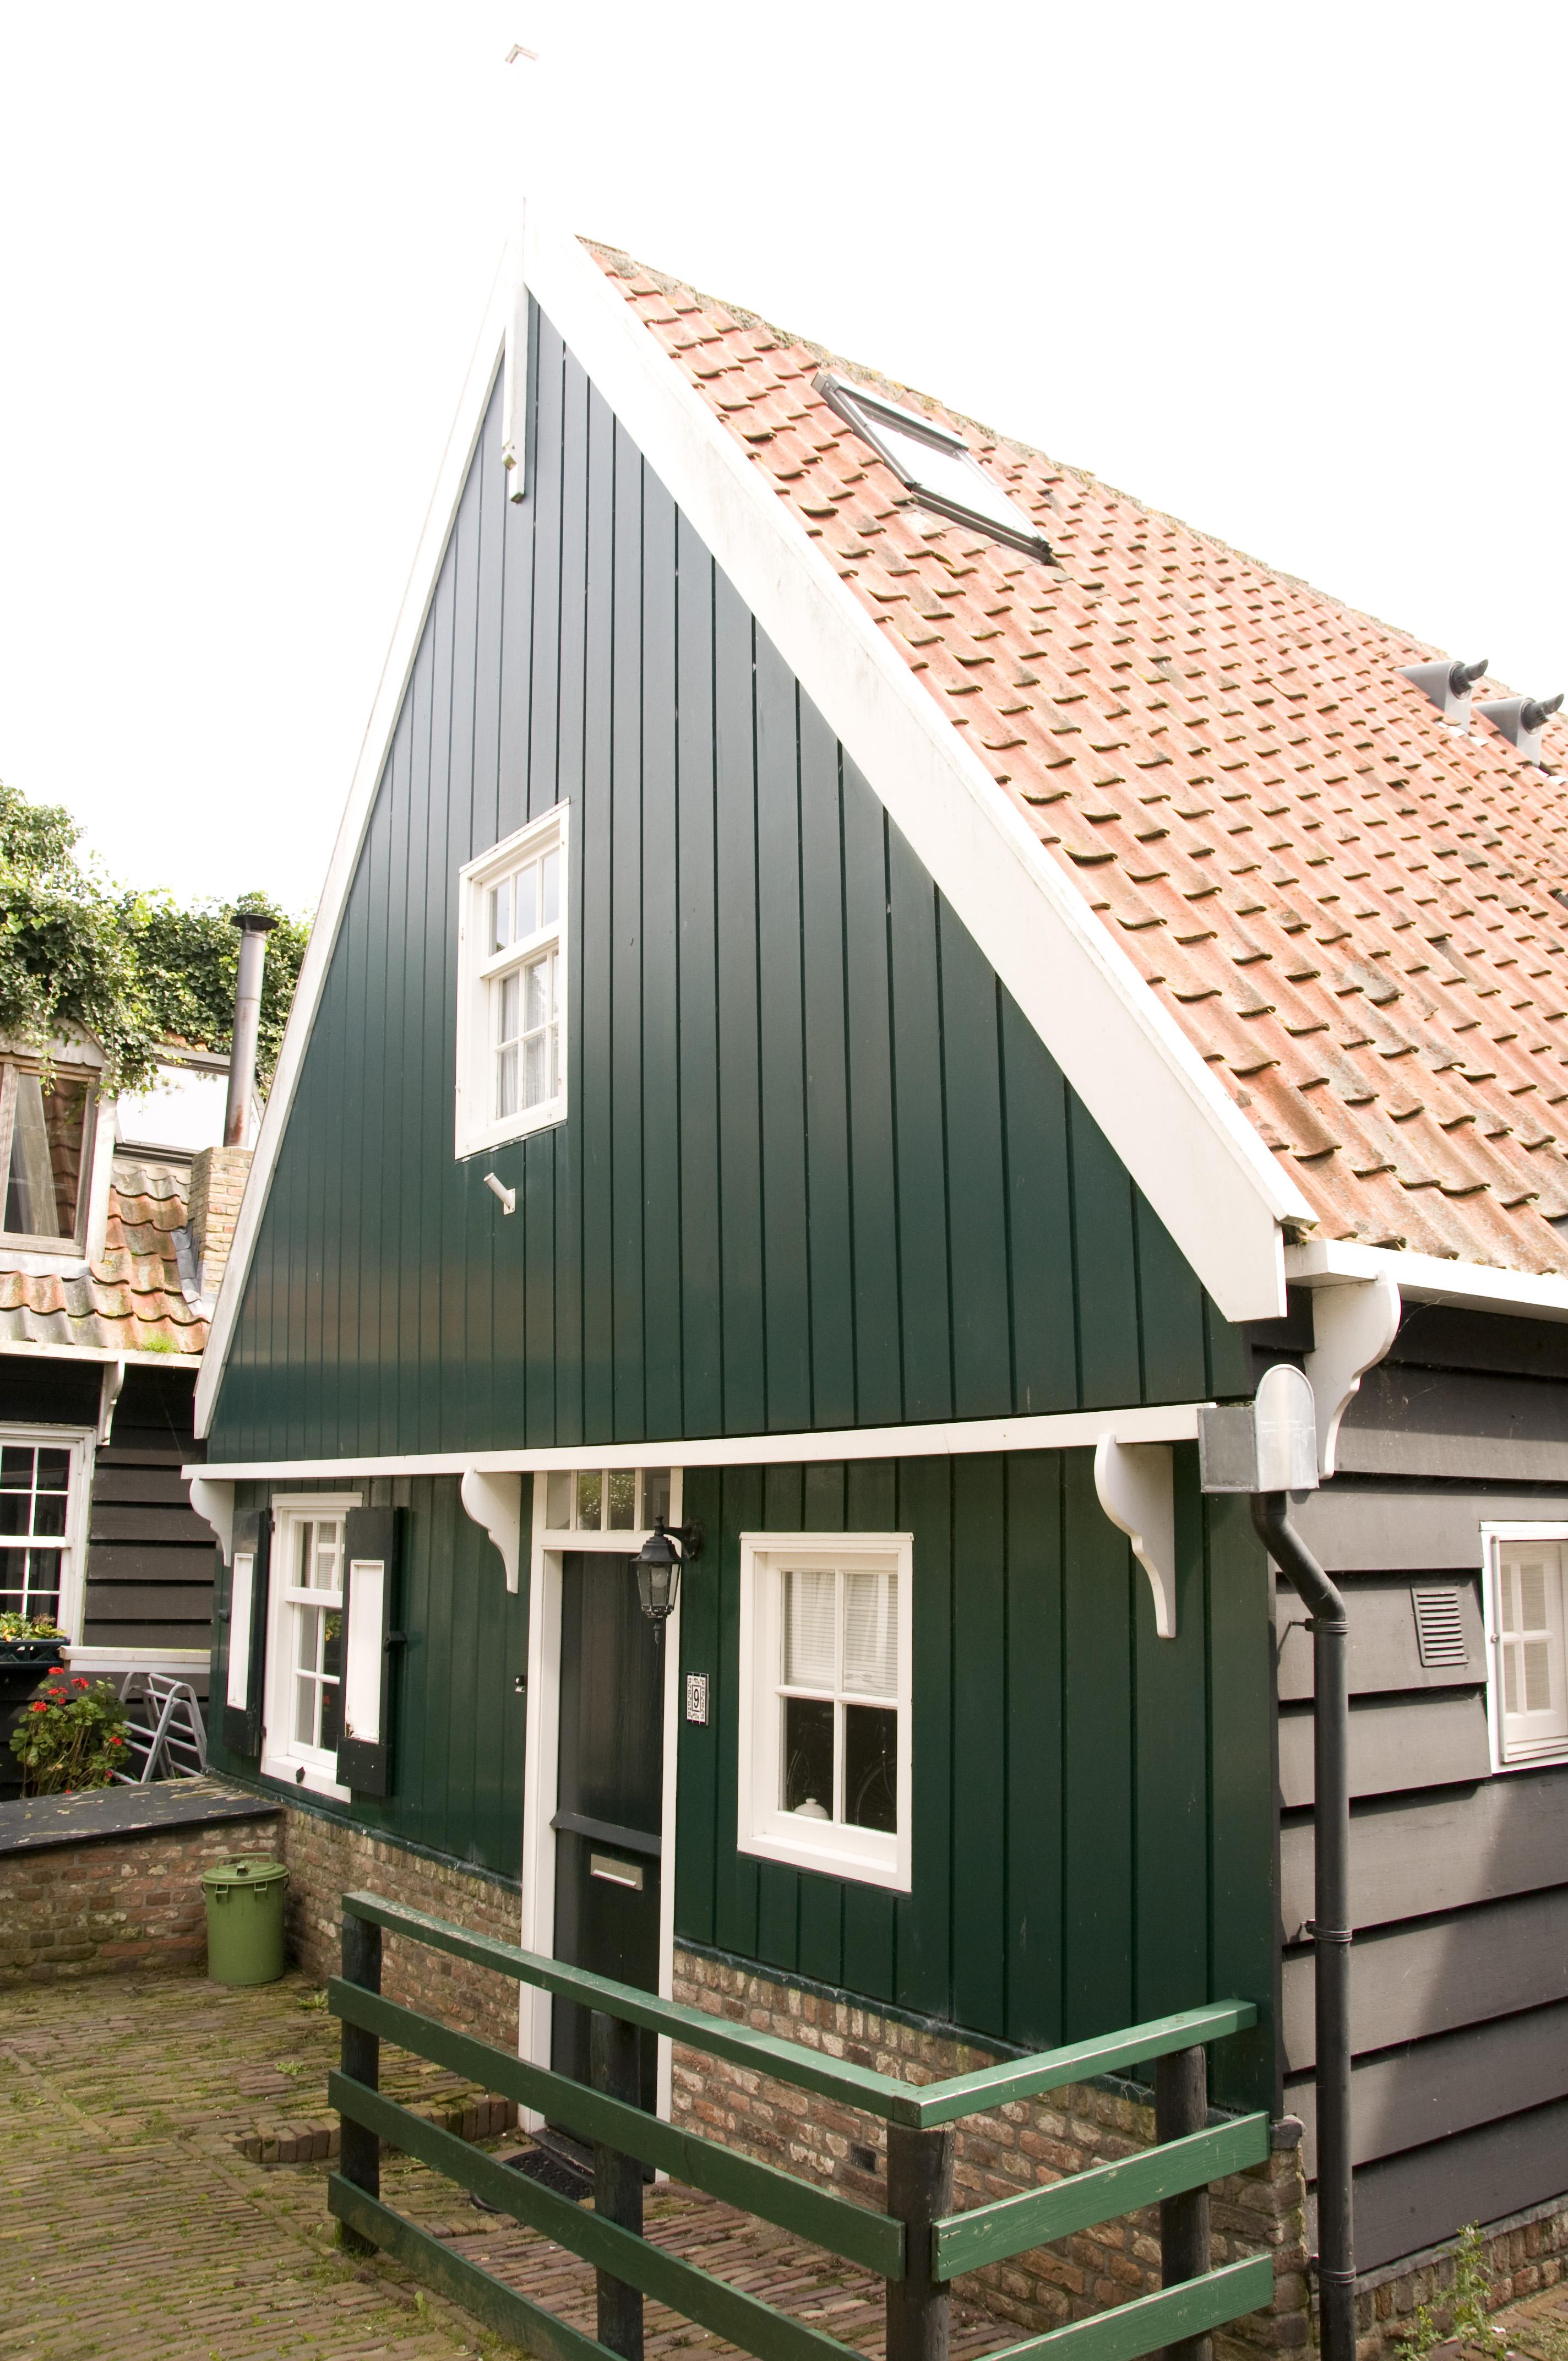 Houten huis met topgevel en daklijsten op consoles in marken monument for Hout huis